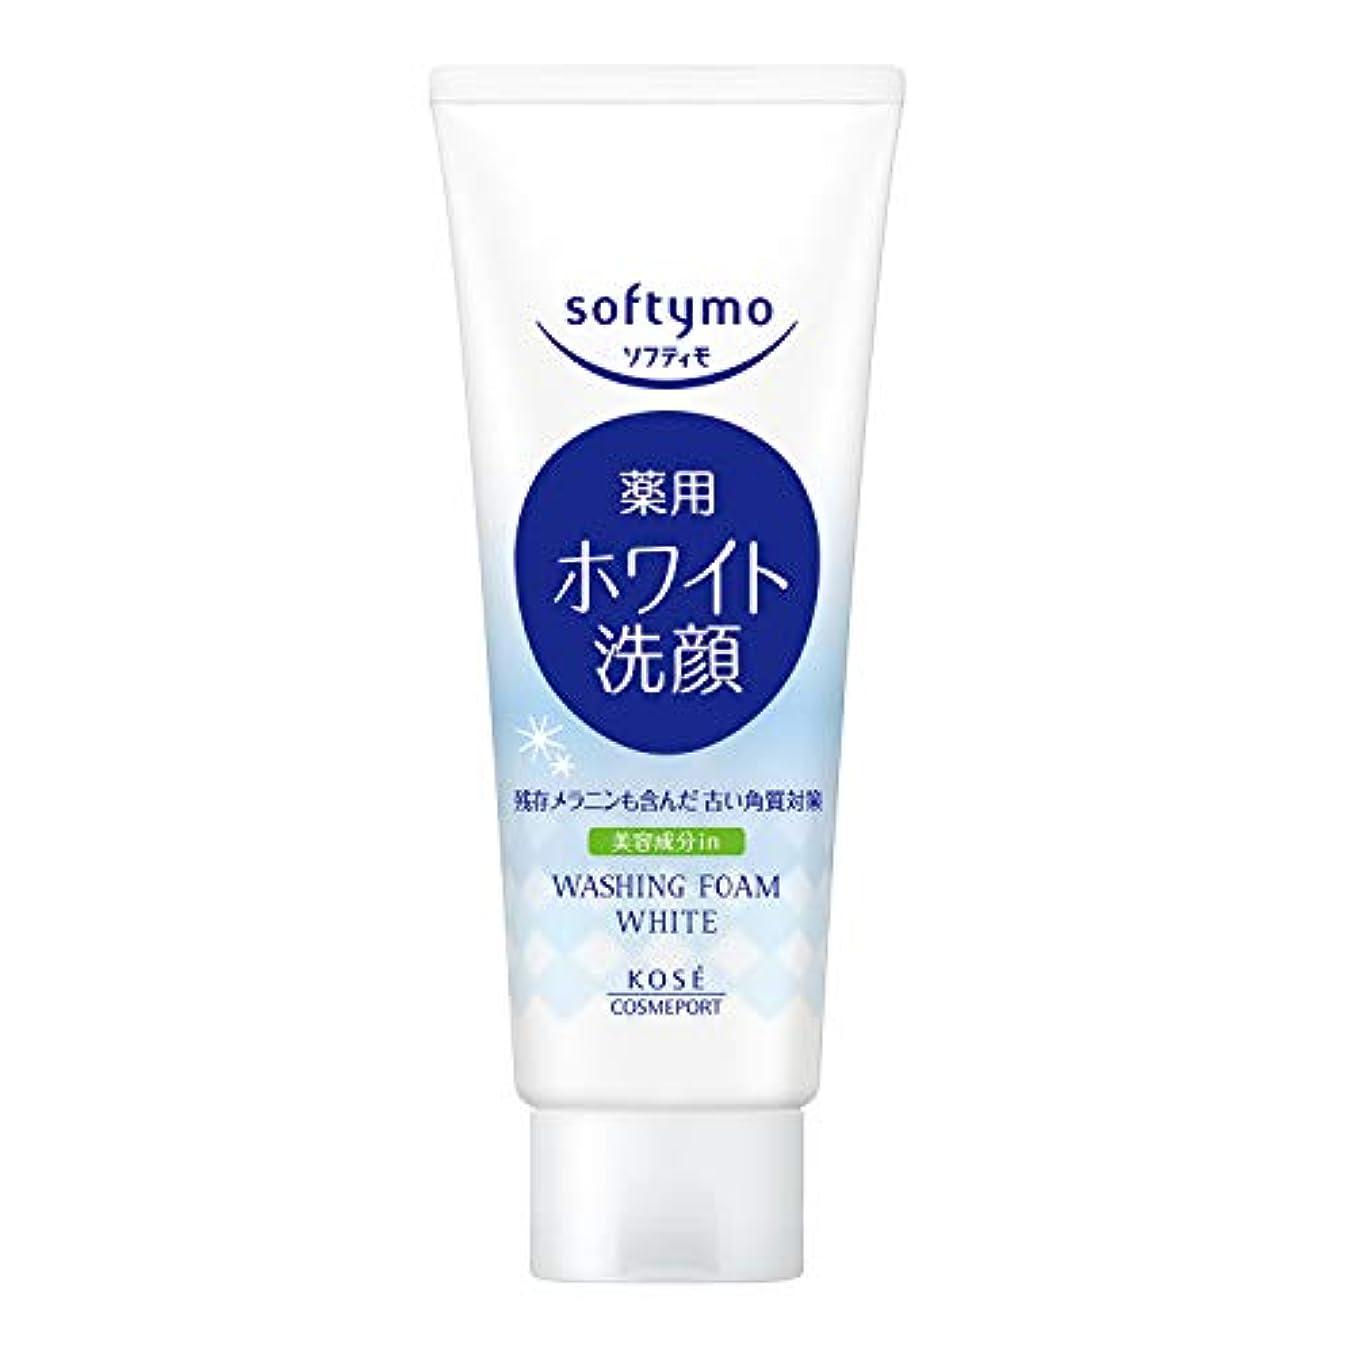 市民音声学スキャンダラスKOSE コーセー ソフティモ ホワイト 薬用洗顔フォーム 150g (医薬部外品)